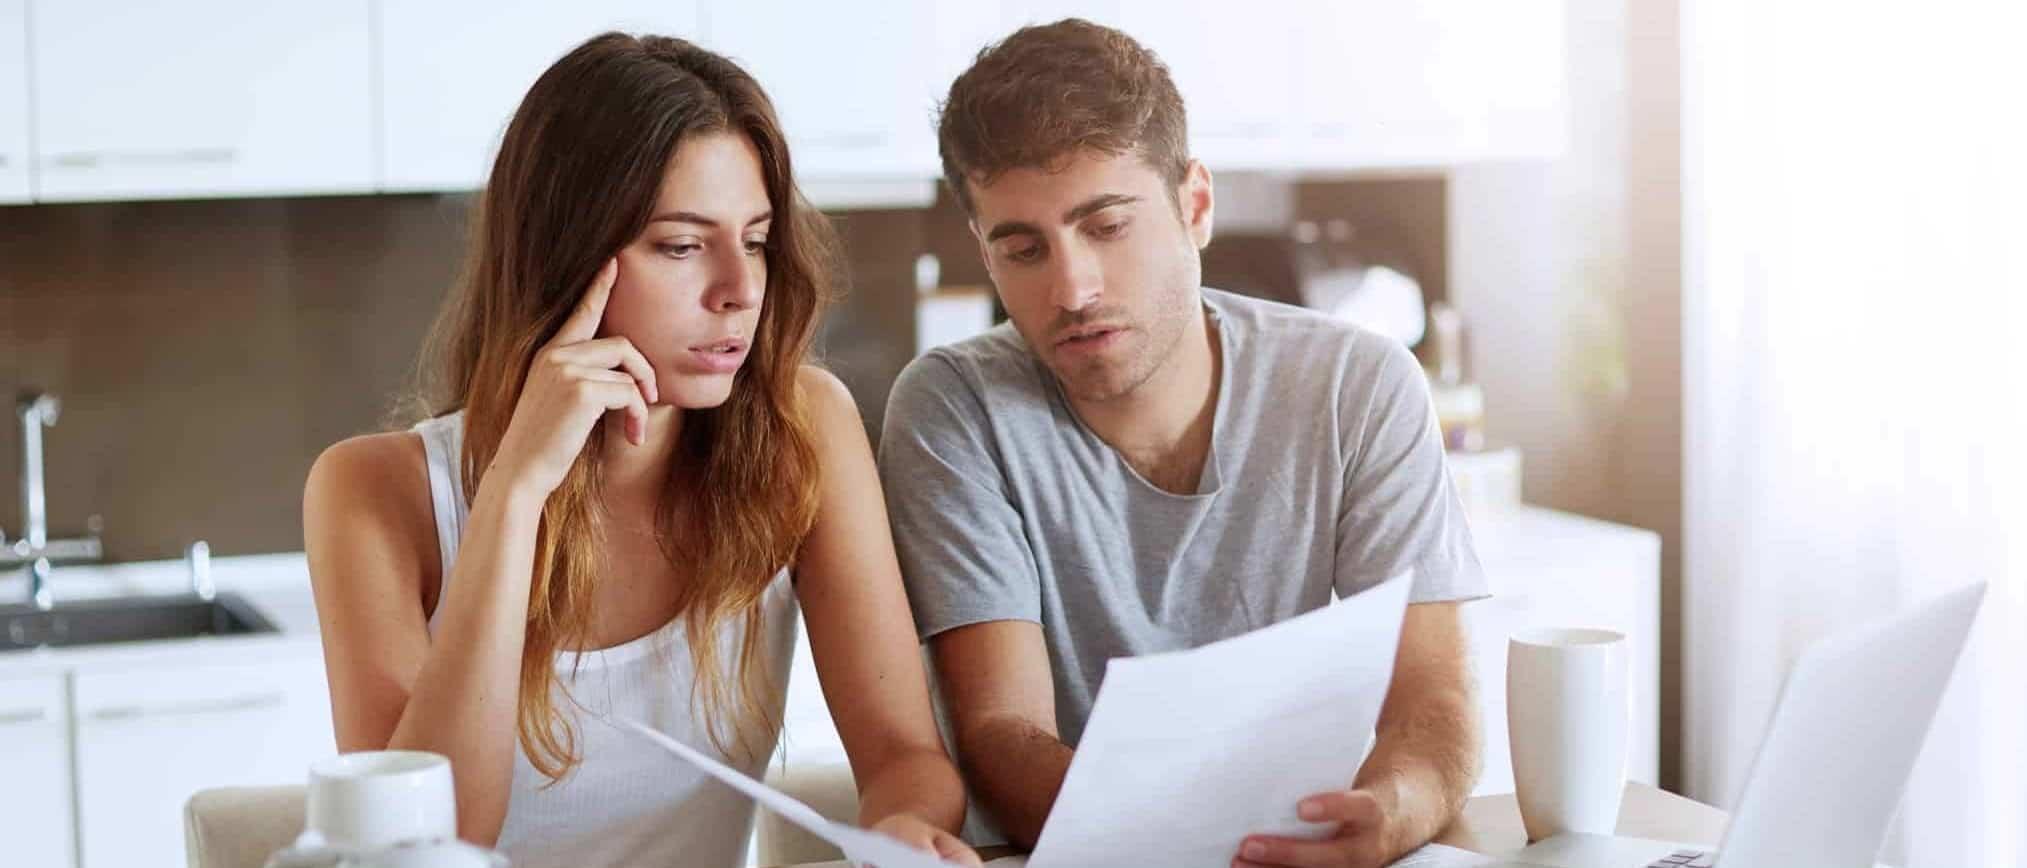 Doutor Finanças_casal a ver casas no portatil